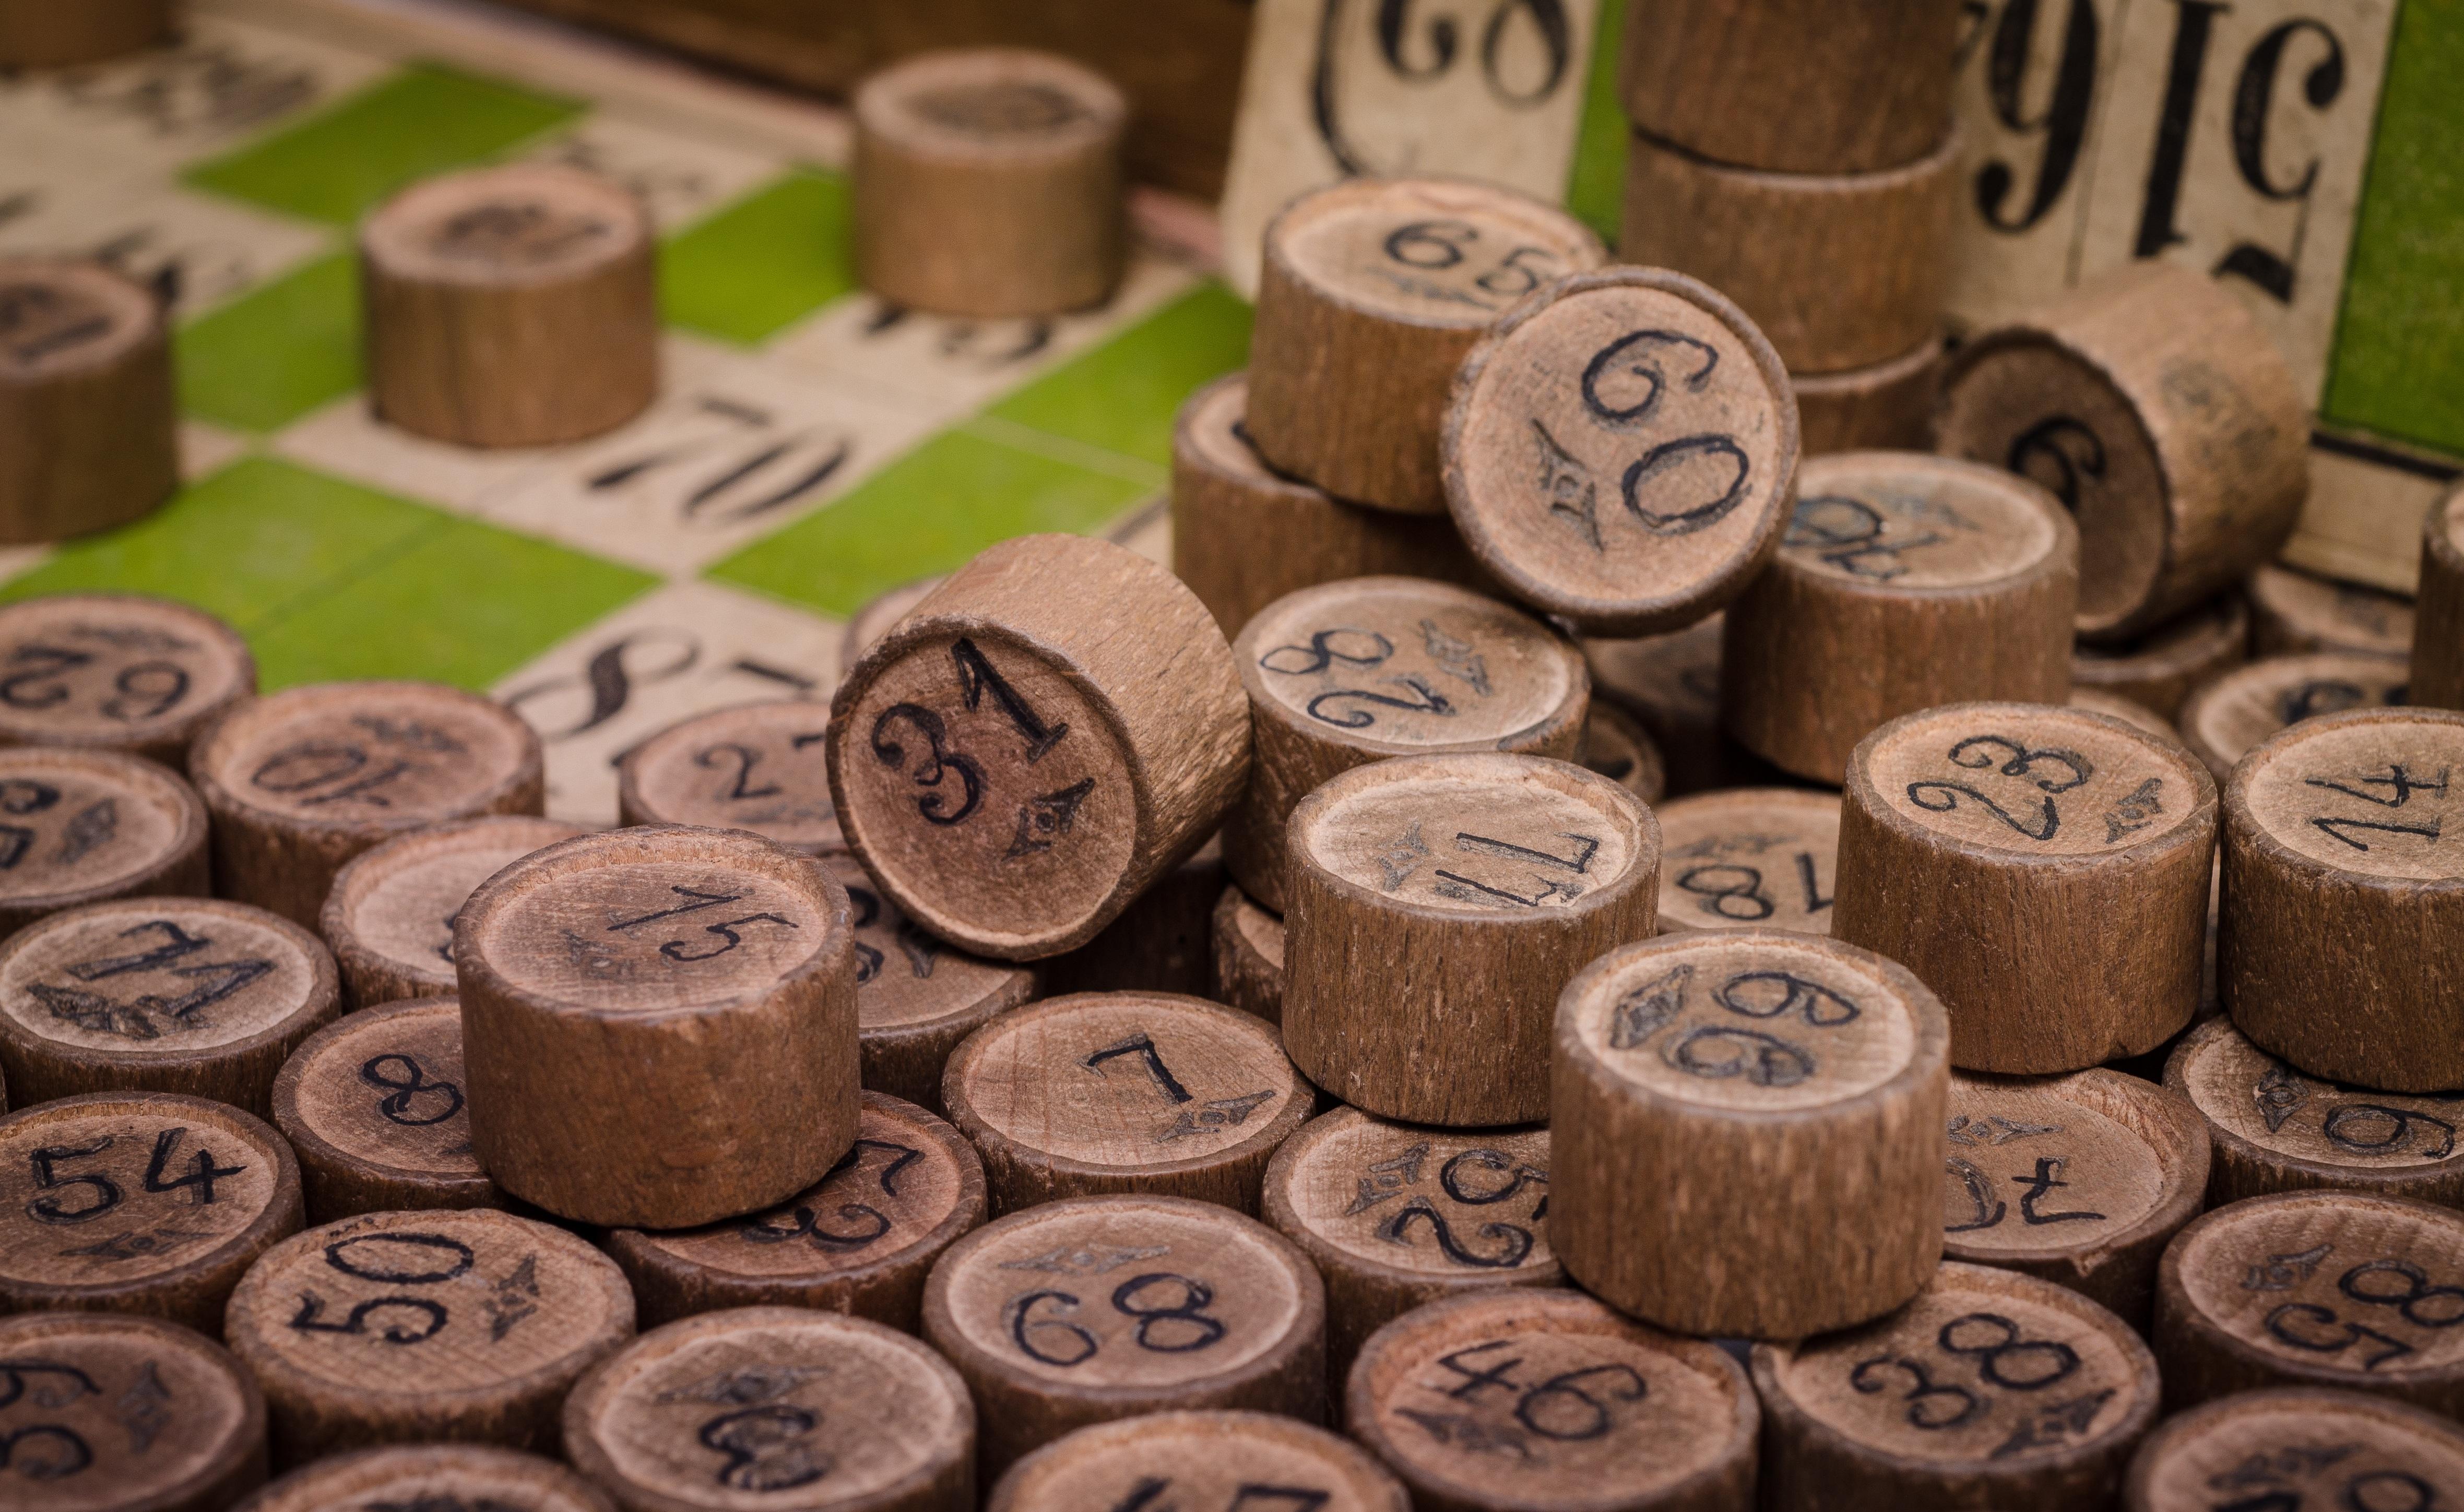 картинки : дерево, номер, Деньги, досуг, Спекулировать, Крупным планом, Изобразительное искусство, весело, валюта, казино, Азартные игры, Удача, Риск, ...